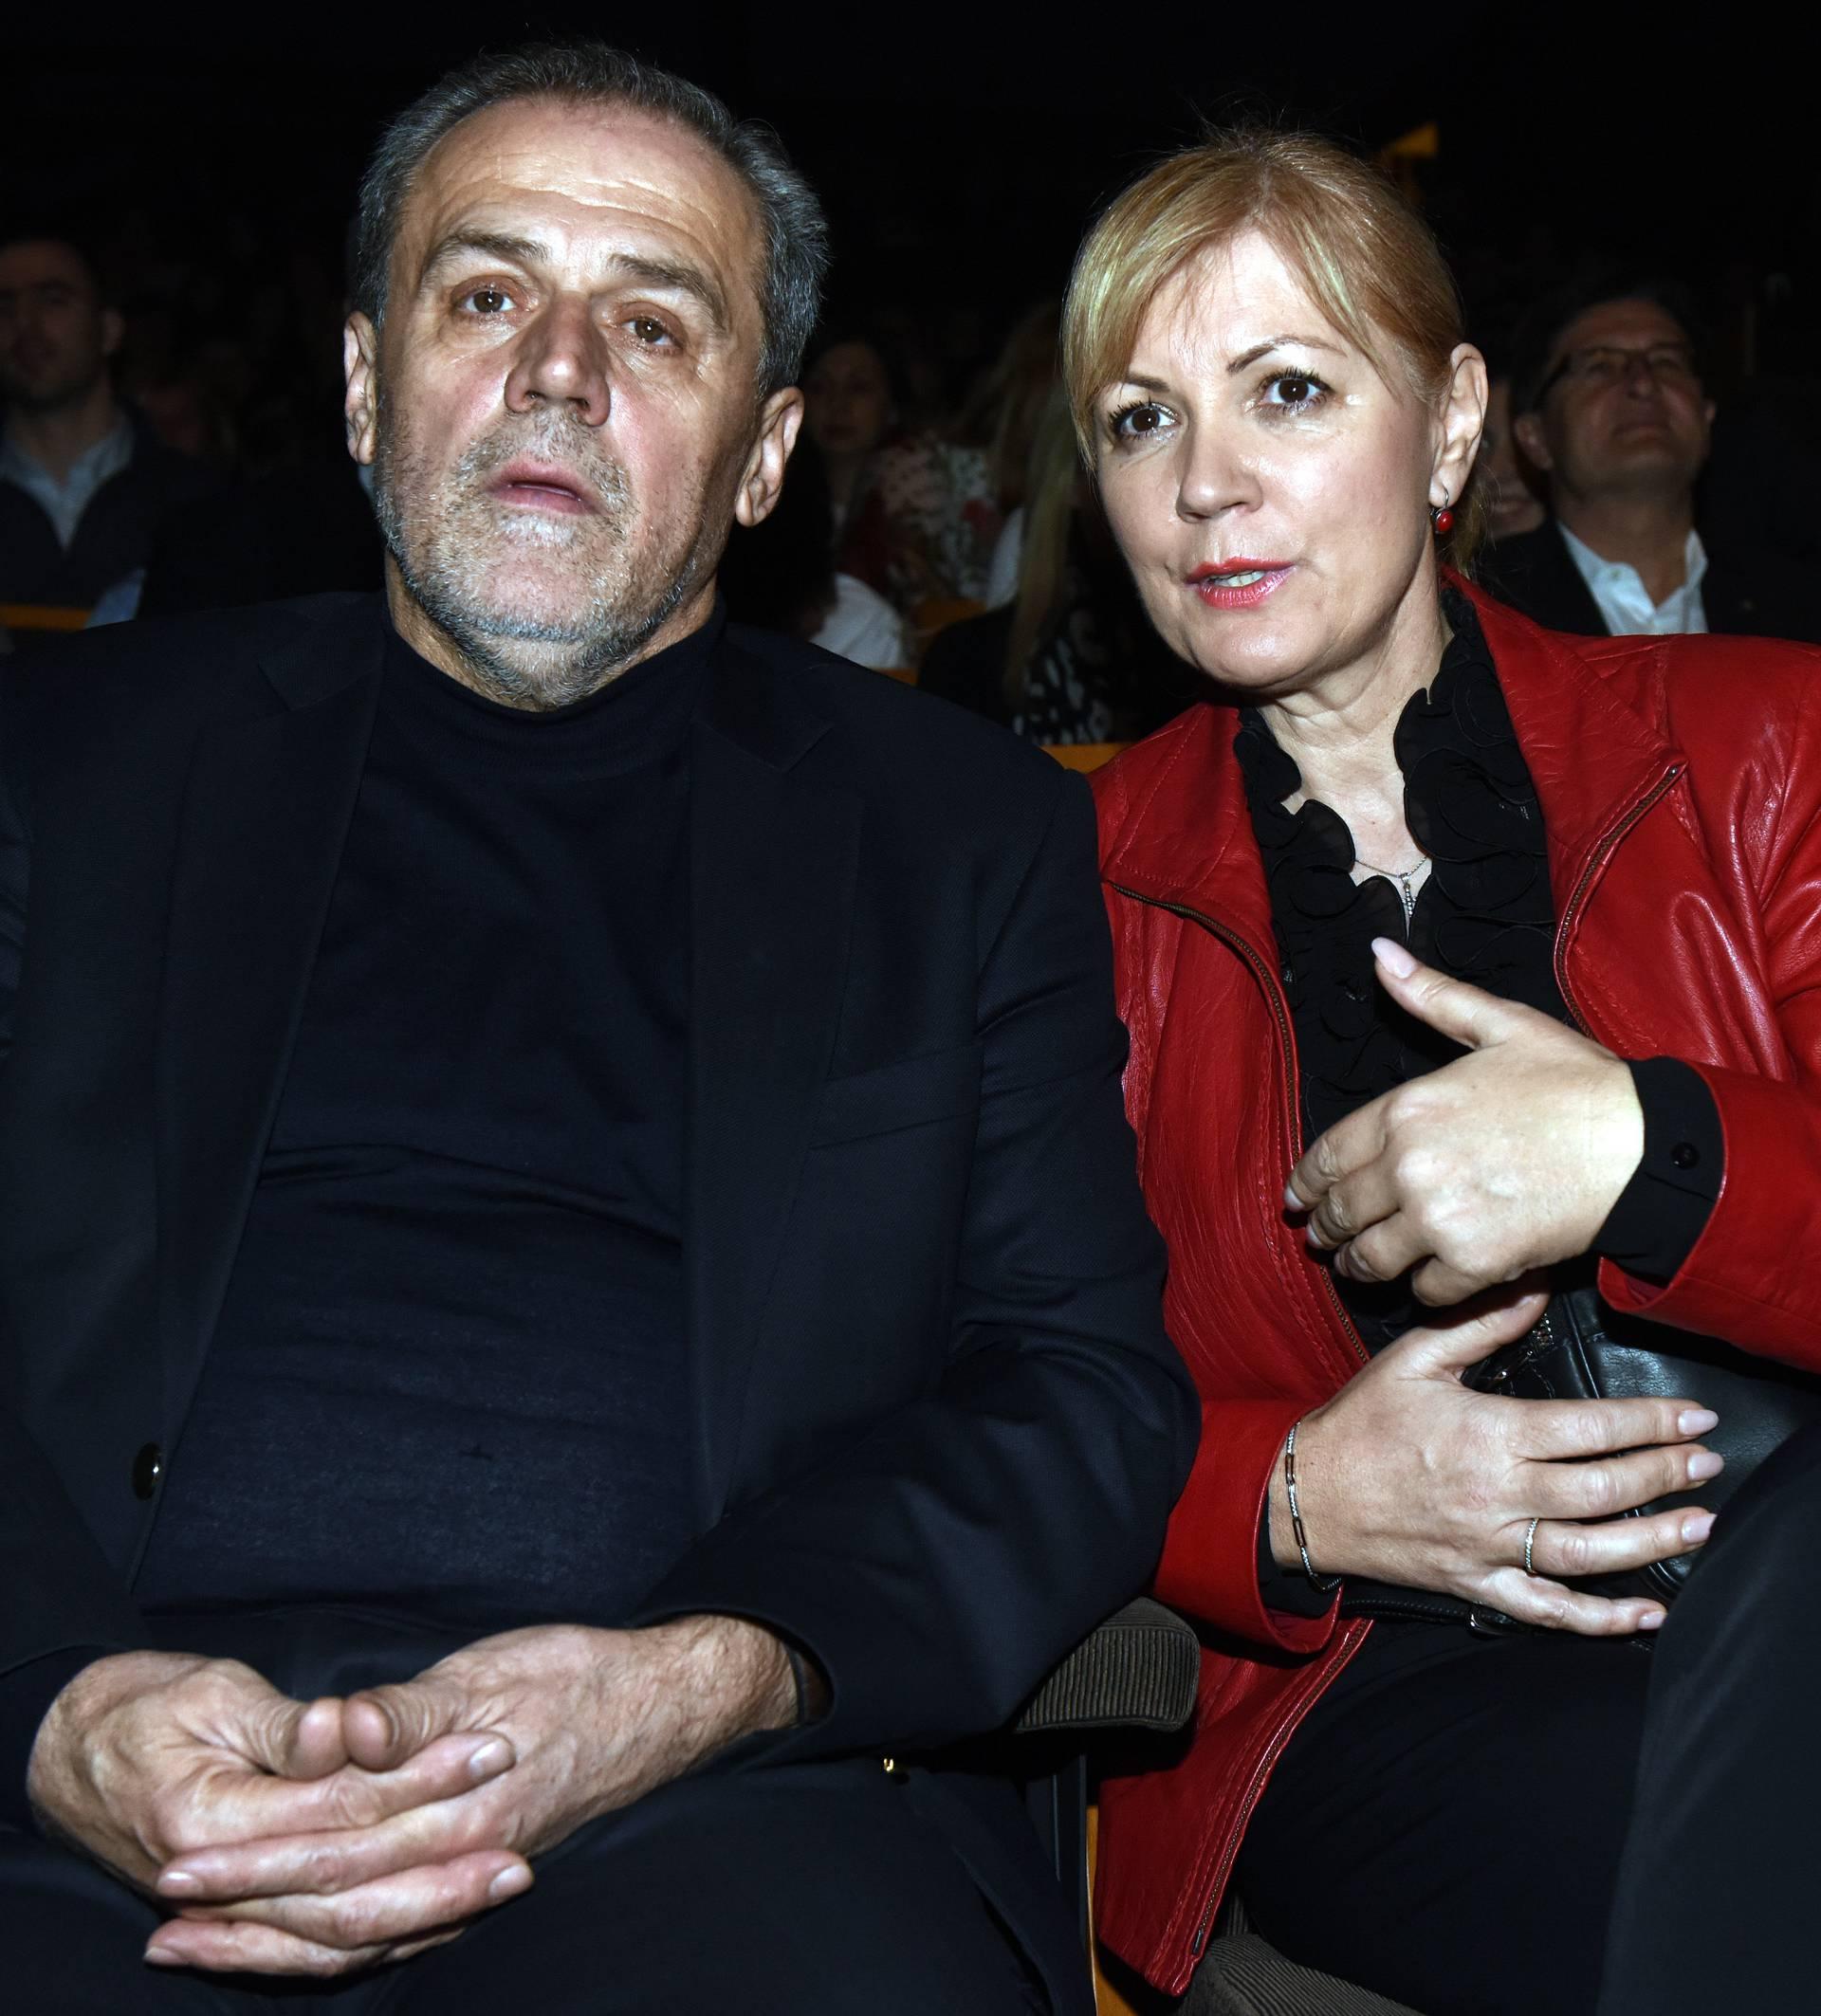 Rock političarke: Dame u koži na humanitarnom koncertu